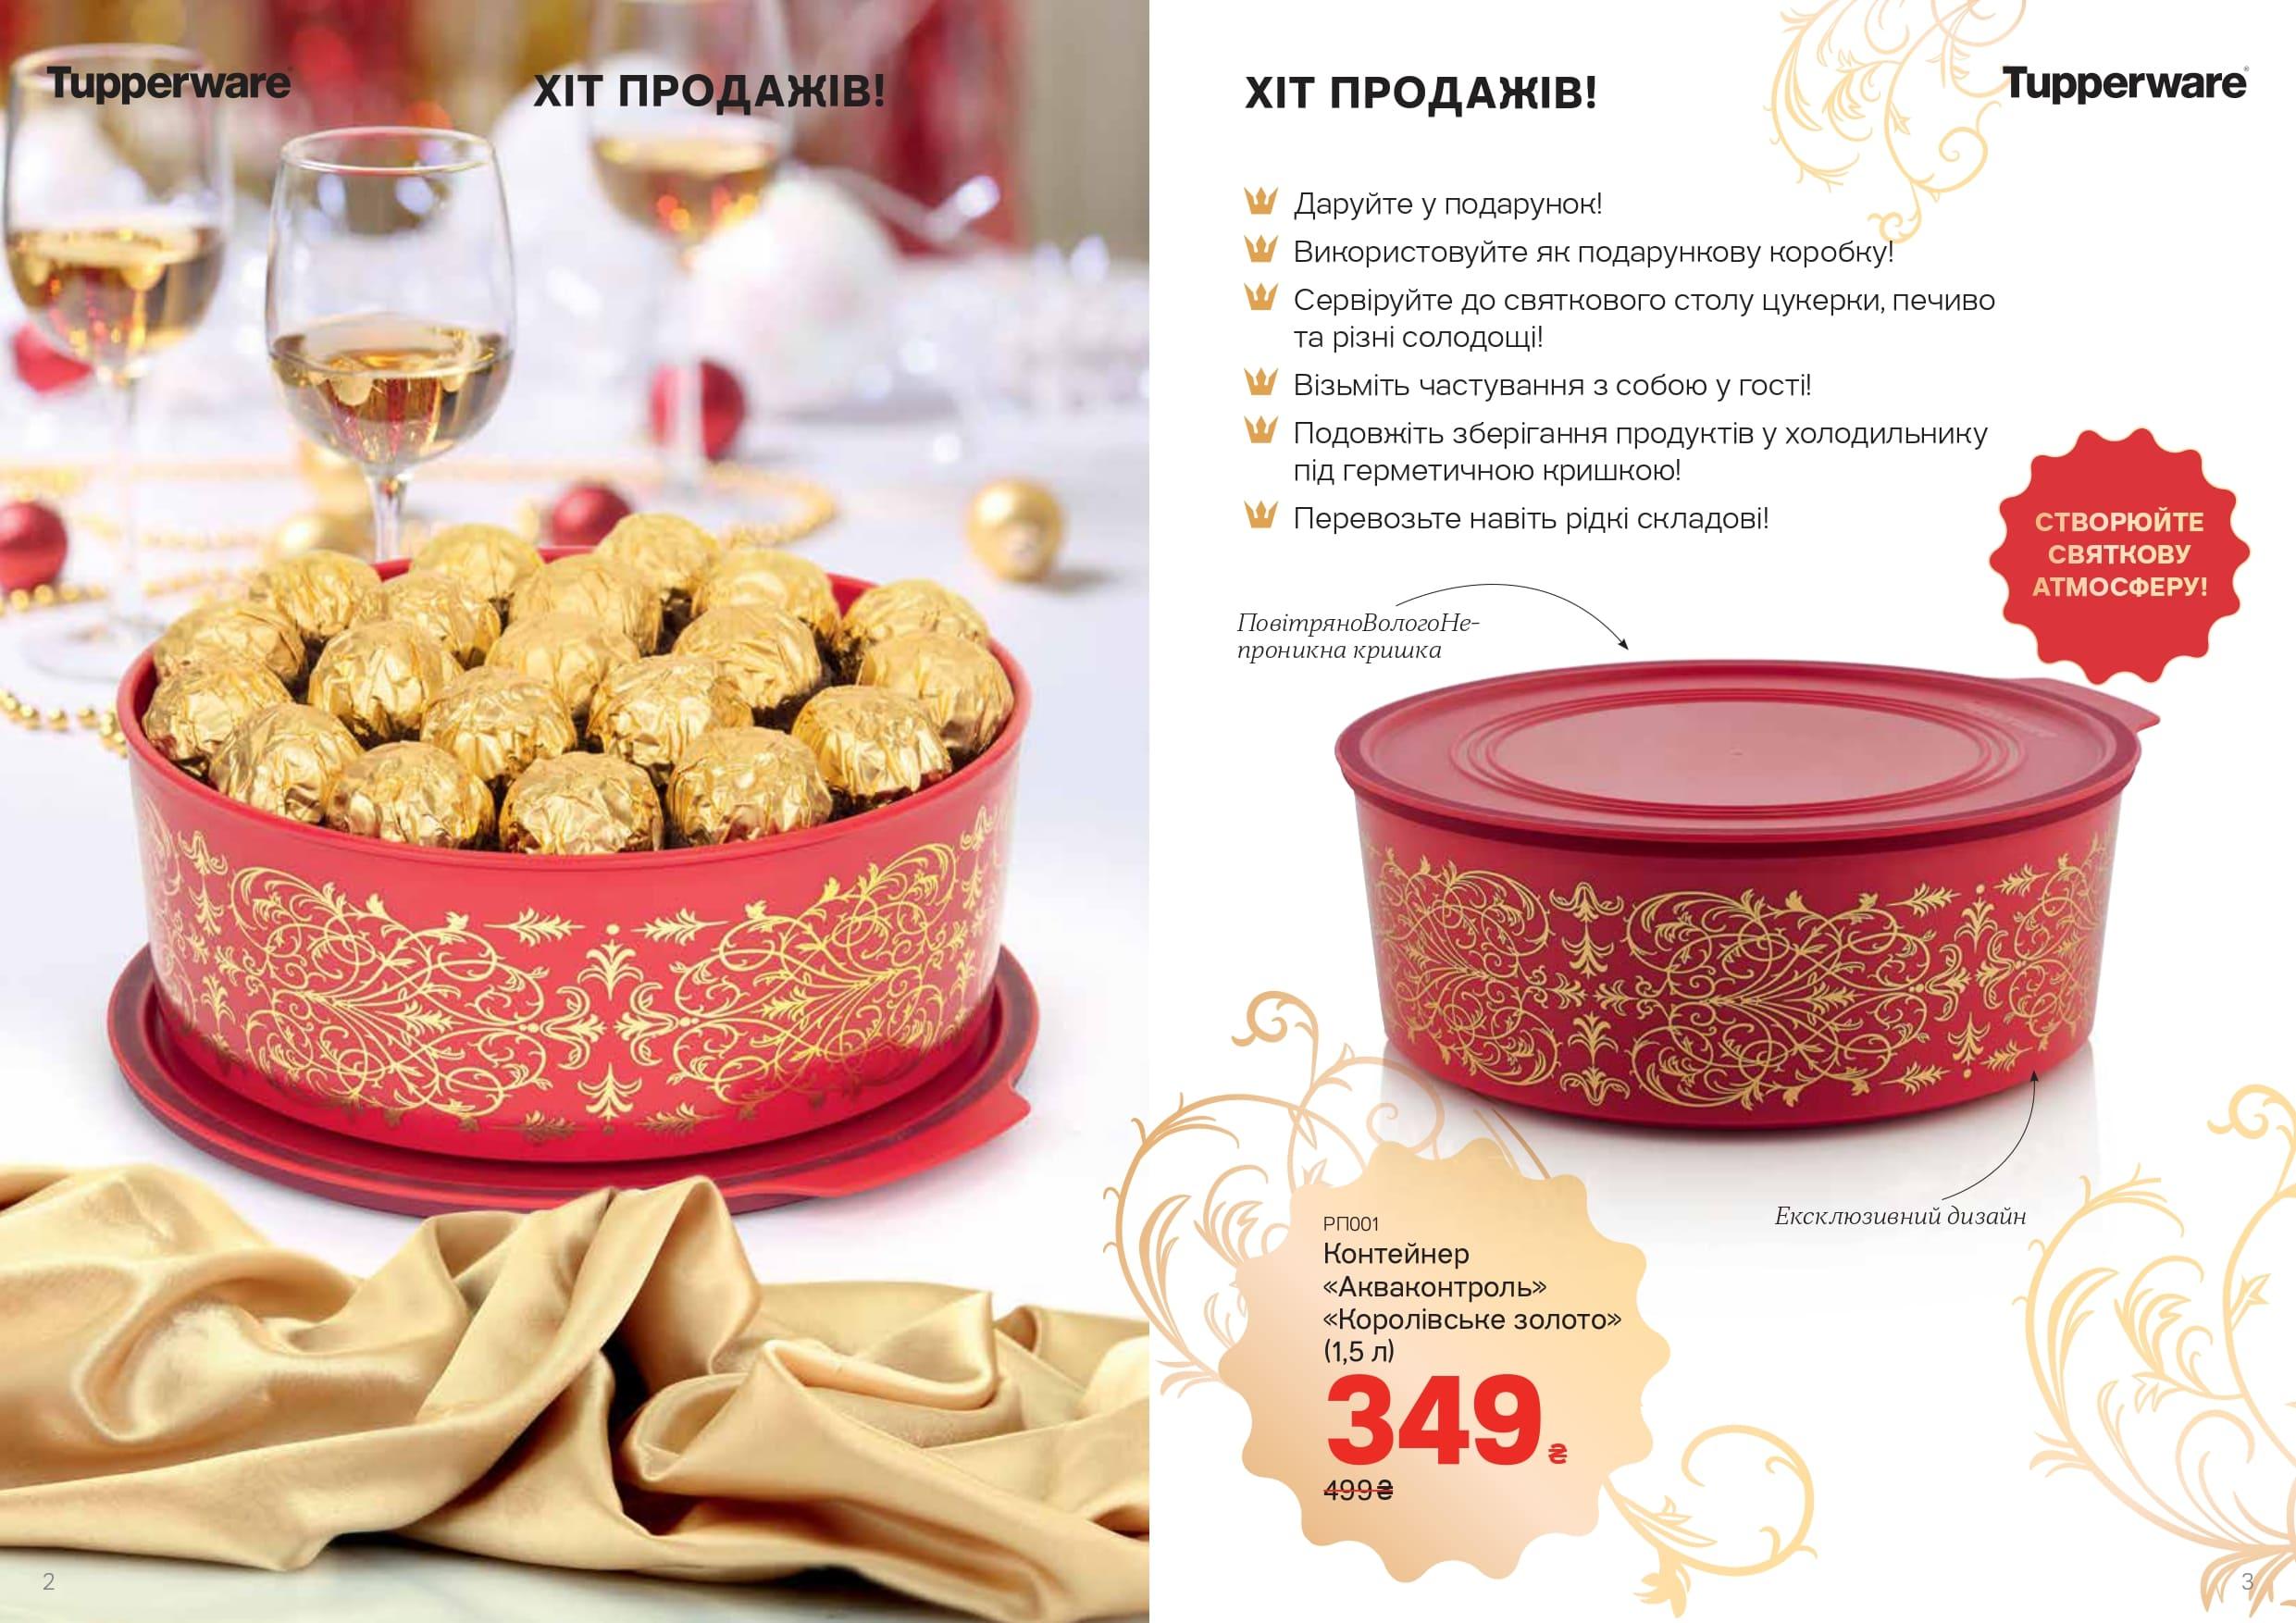 Акваконтроль круглый, купить по цене 349,00 грн, скадка 30%.